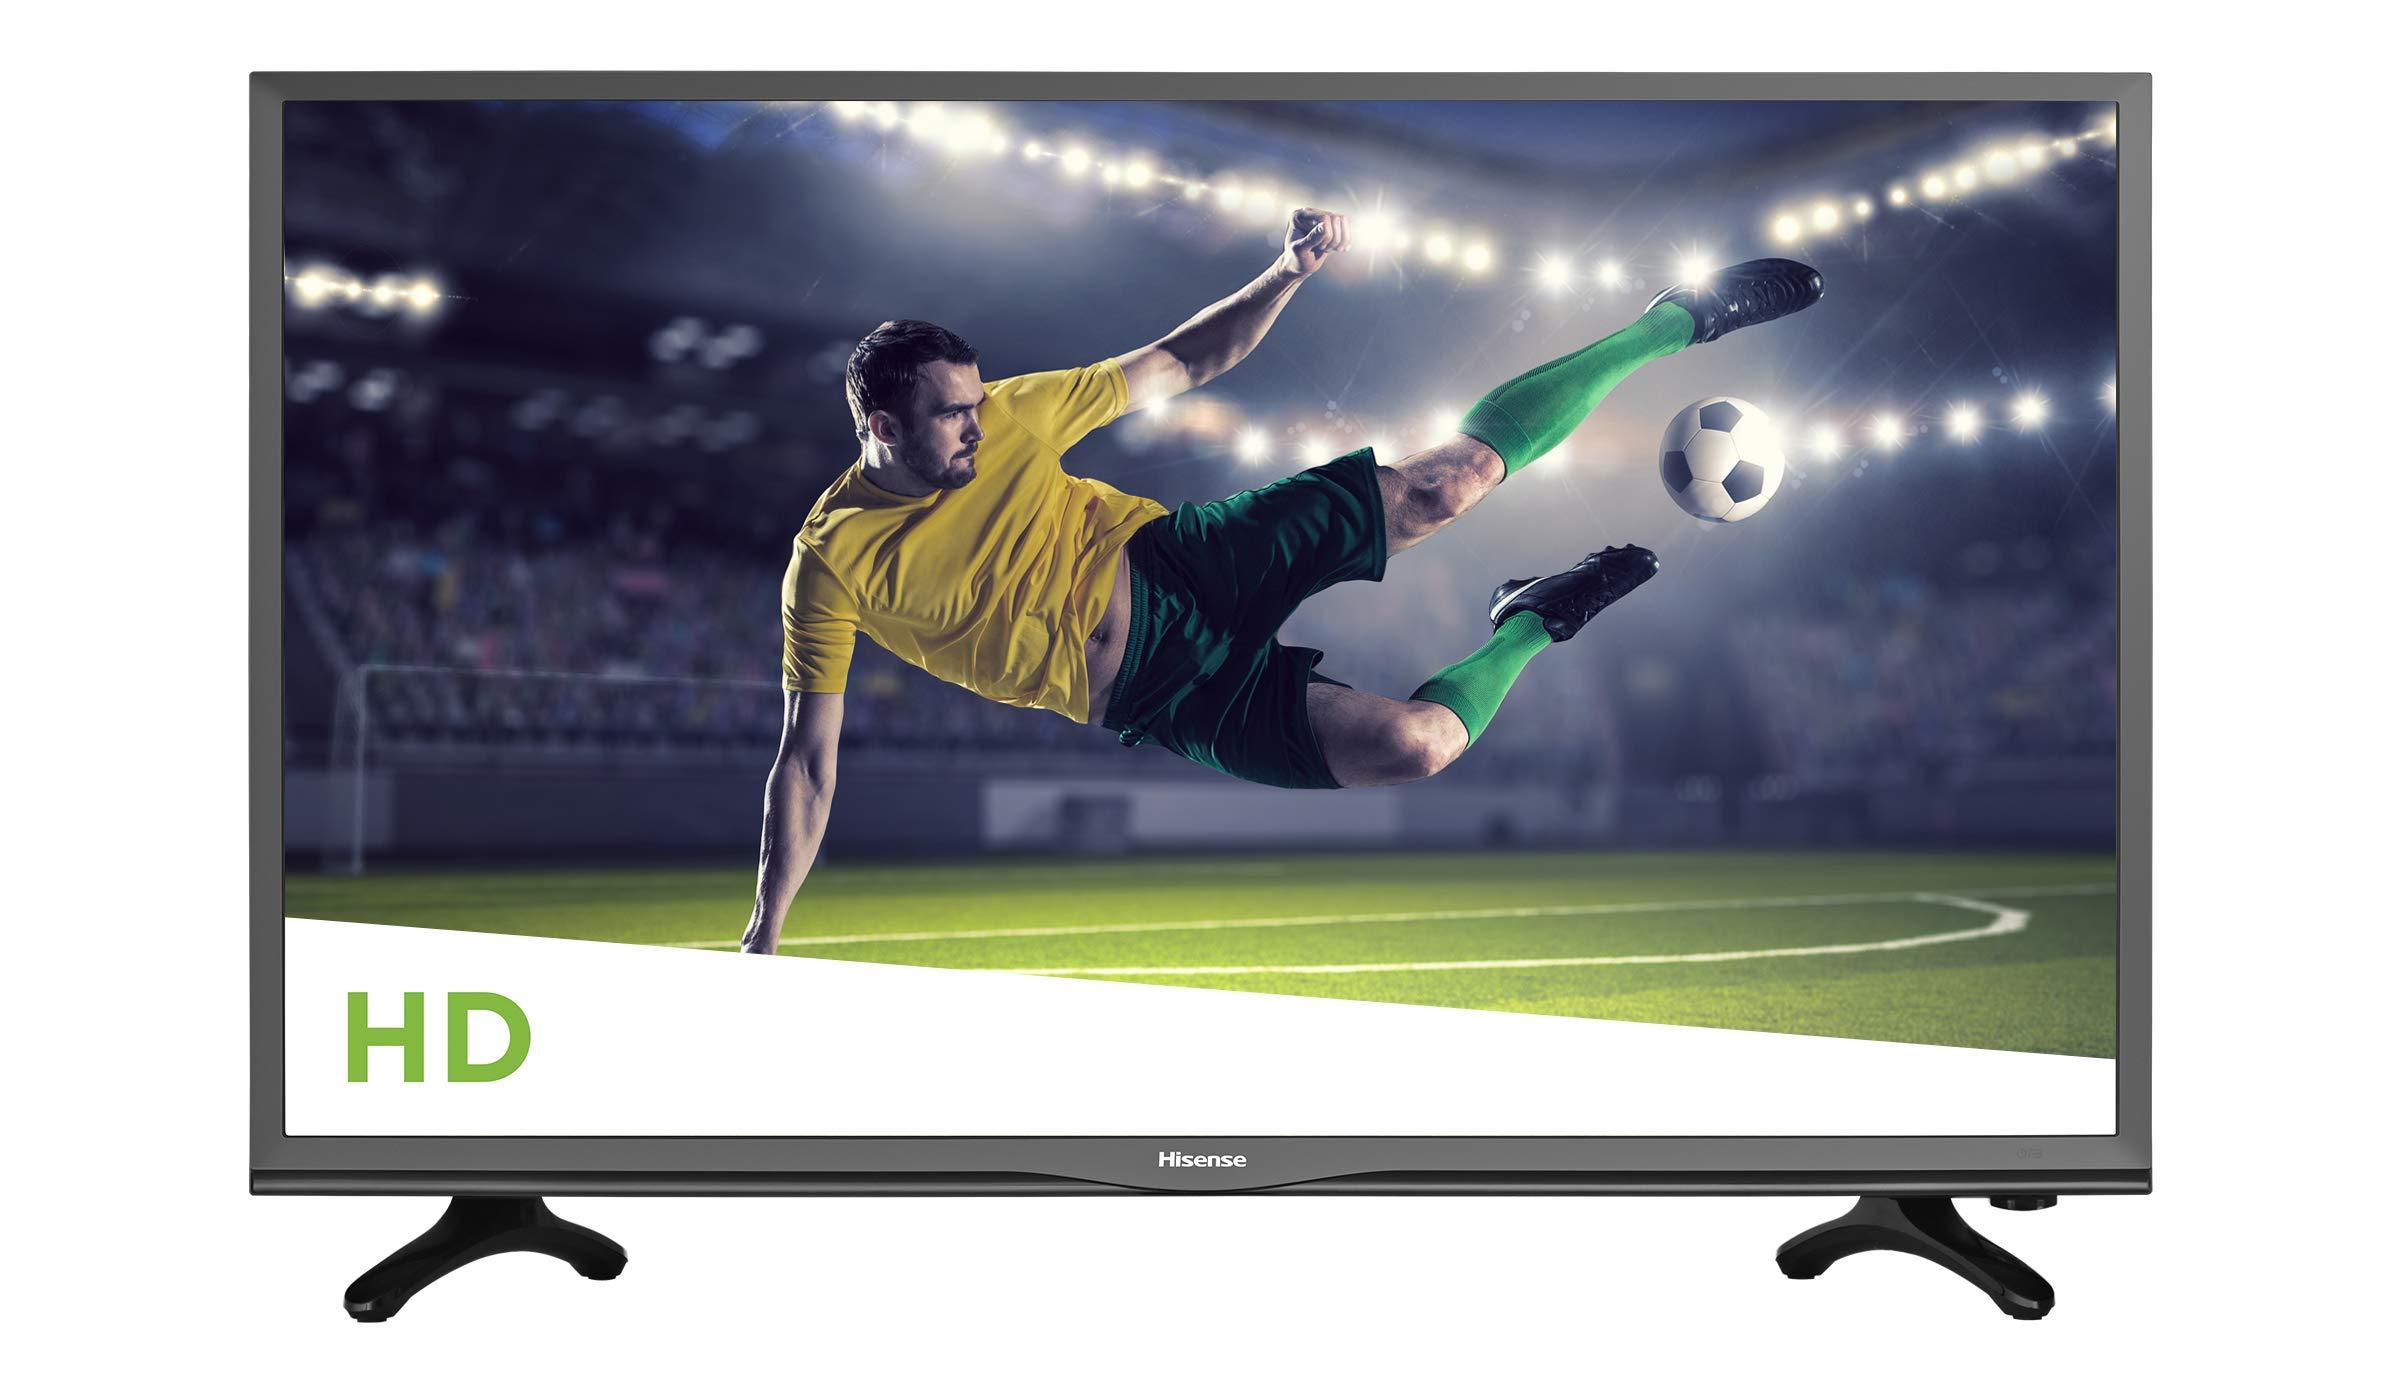 Hisense 40H3080E 40-Inch 1080p LED TV (2018 Model) by Hisense